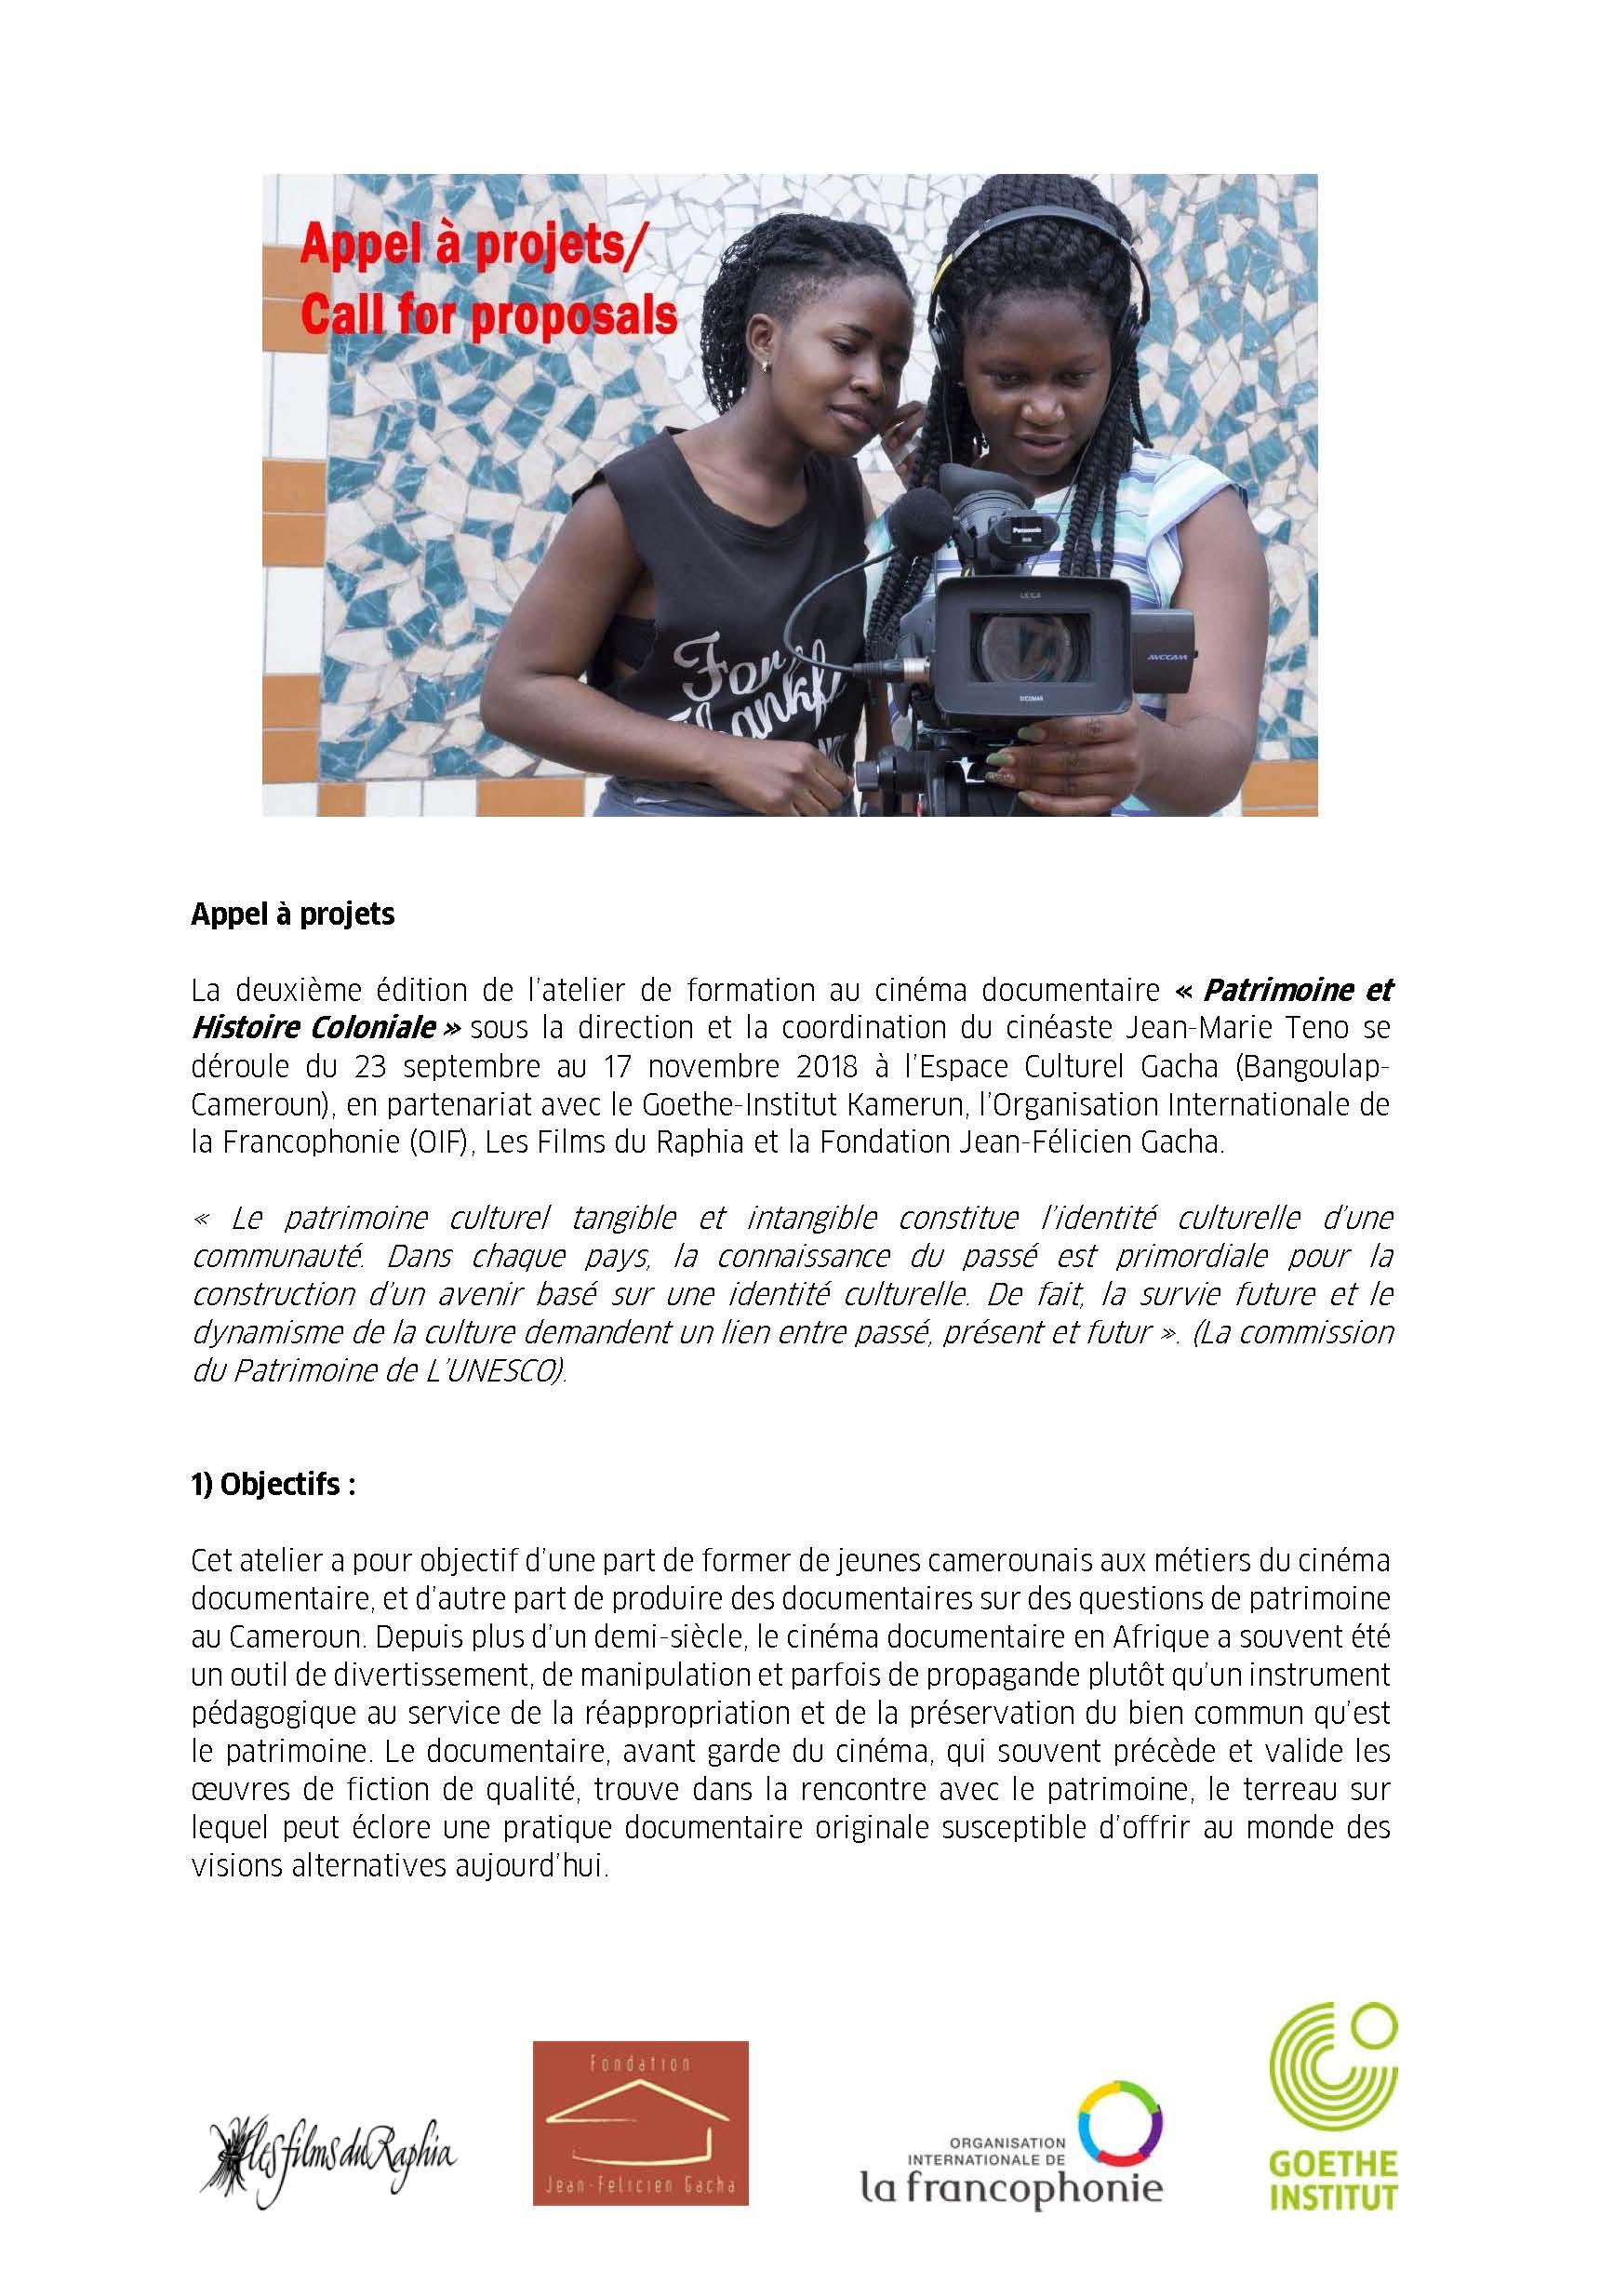 Appel à projets 2018 / Formation au cinéma documentaire